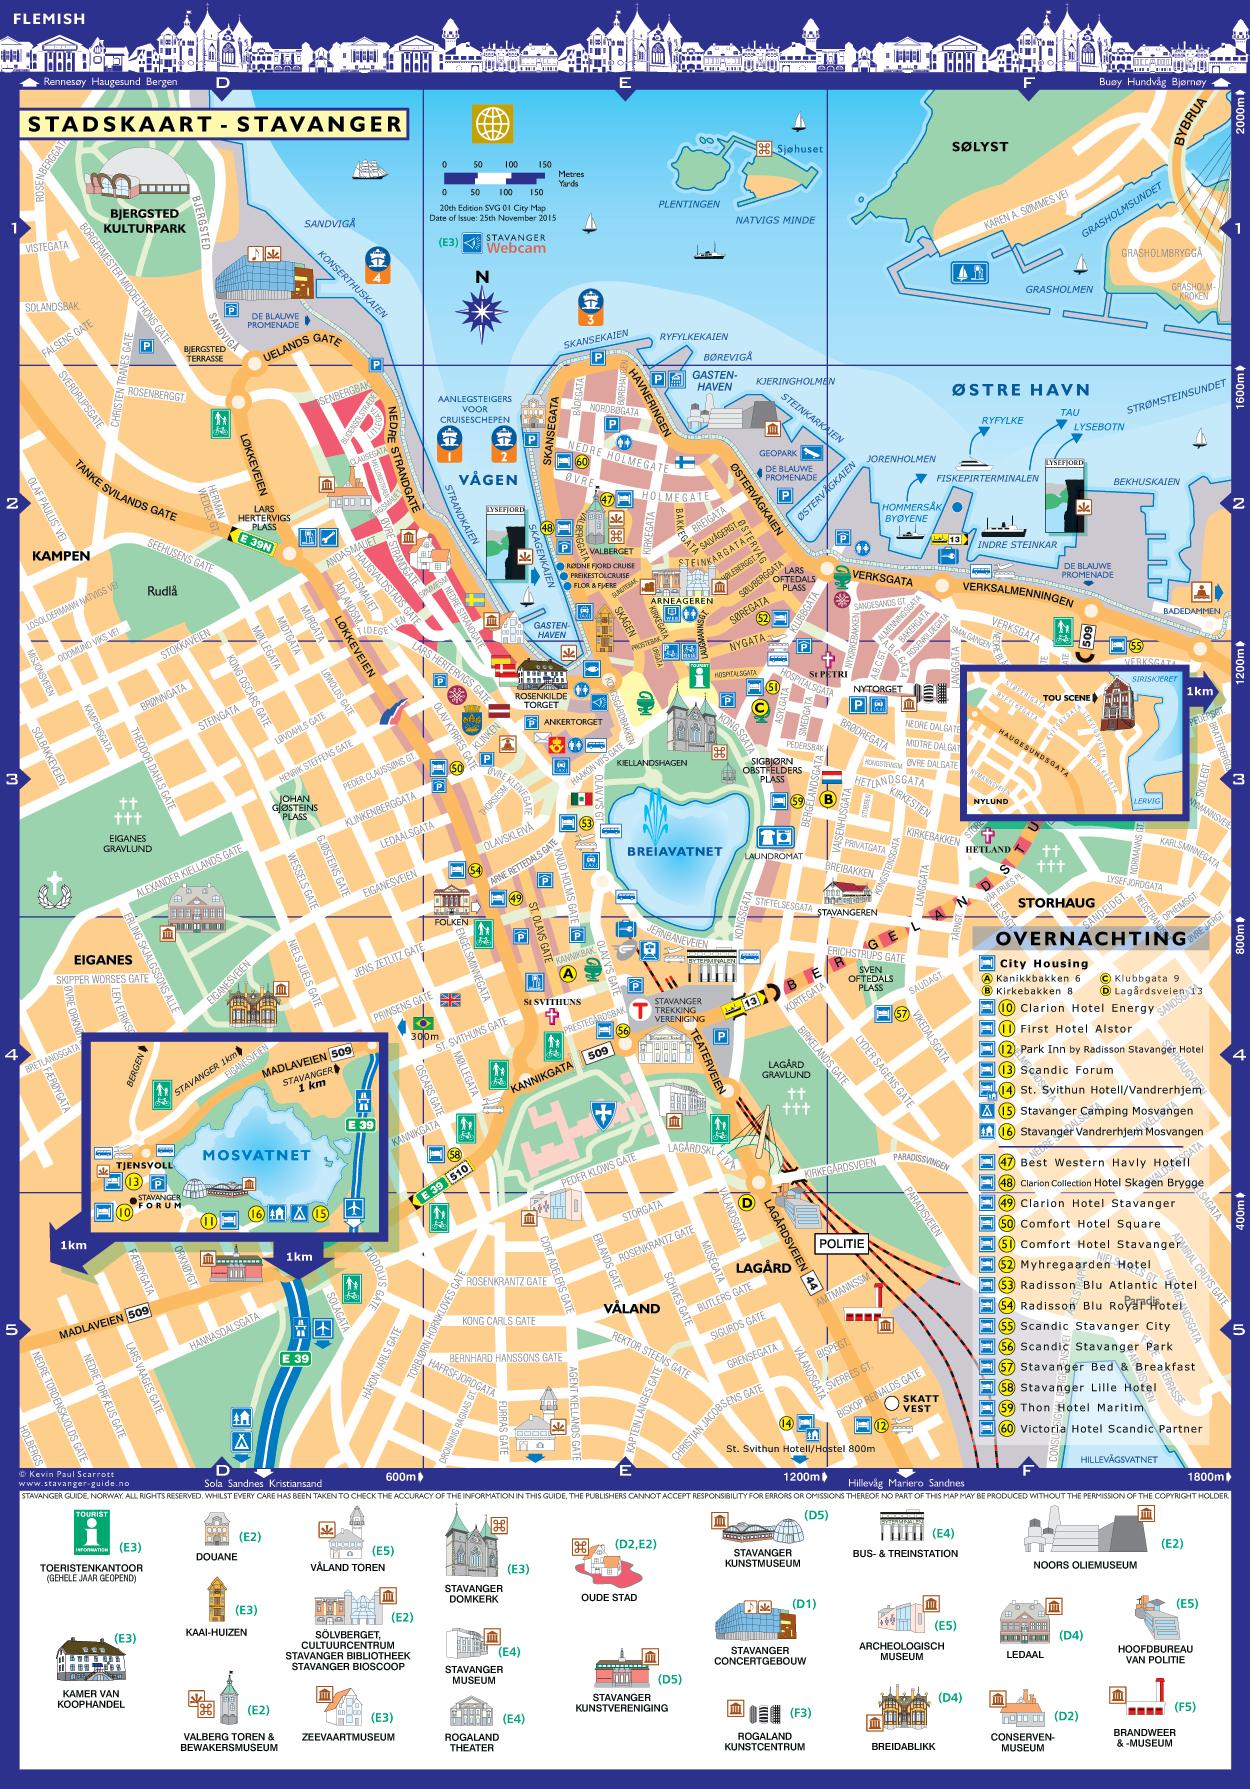 Stavanger Stadskaart